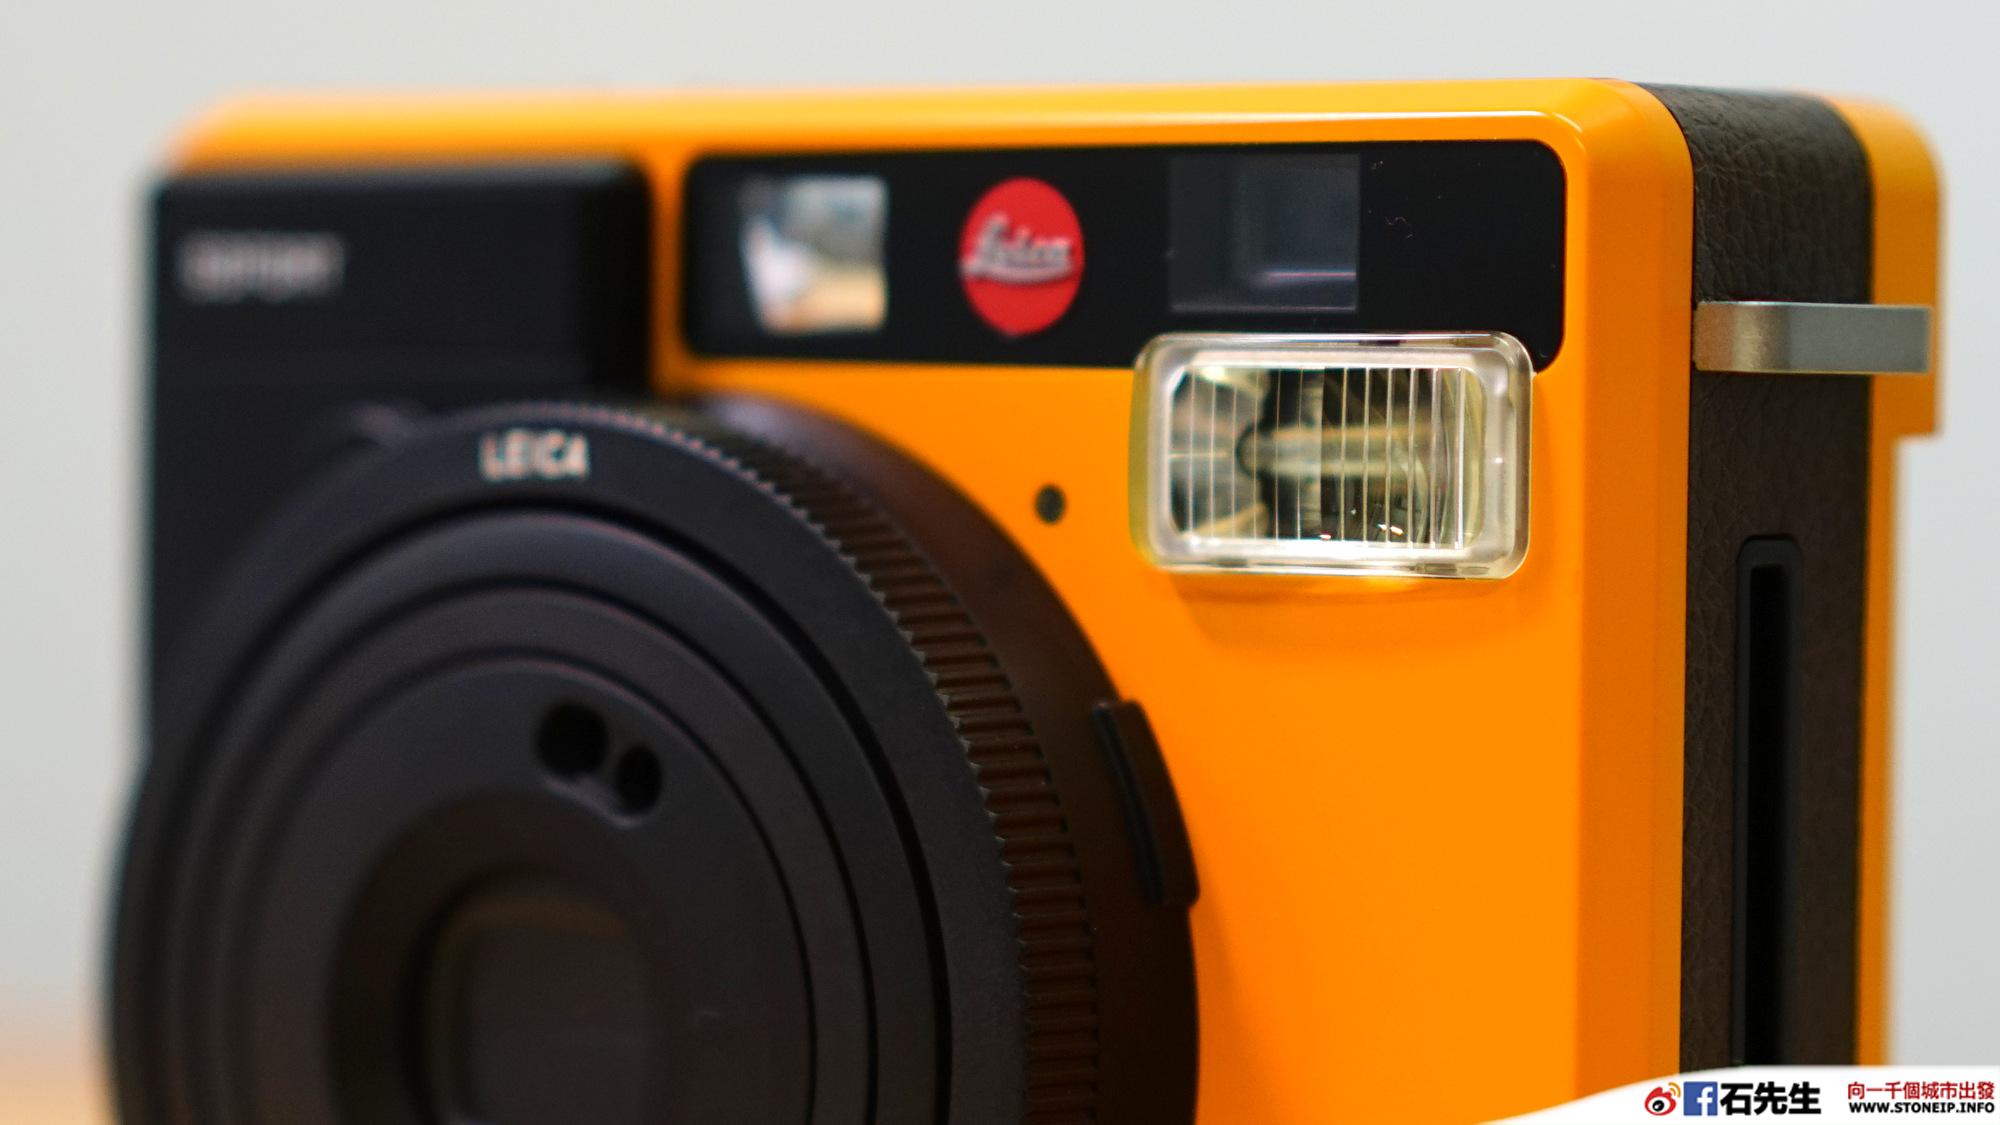 Leica_SOFORT_unbox08